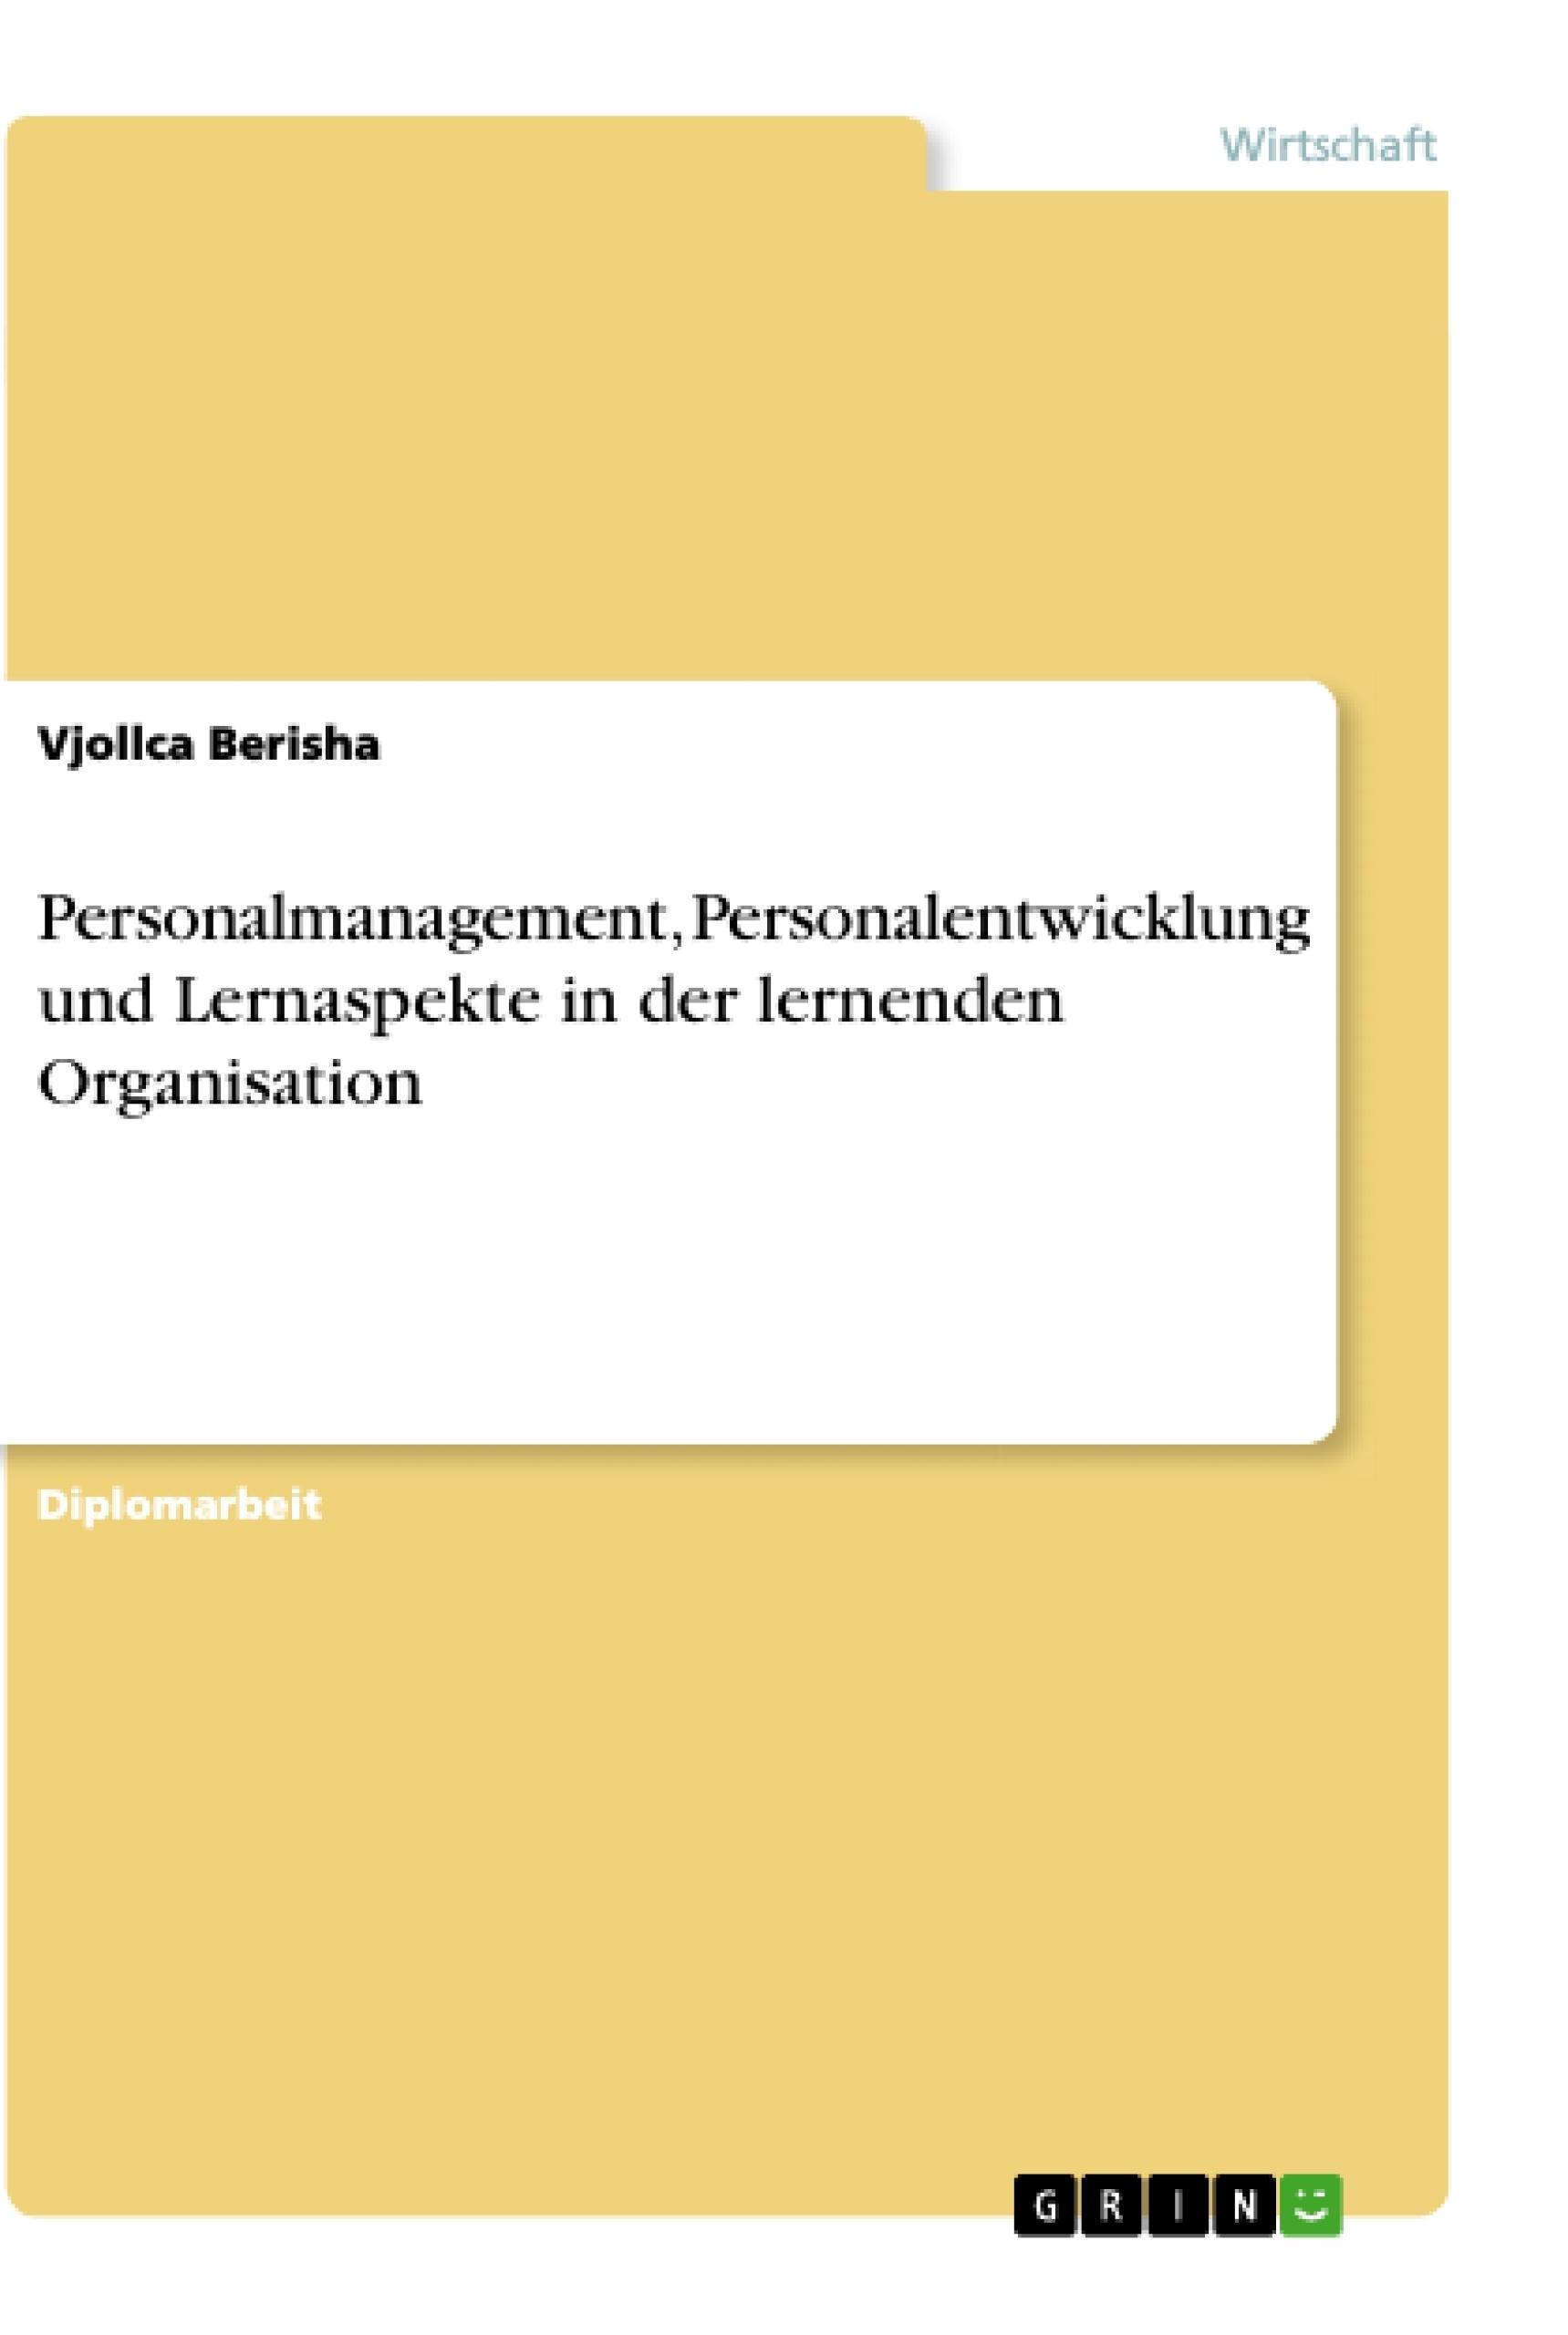 Titel: Personalmanagement, Personalentwicklung und Lernaspekte in der lernenden Organisation